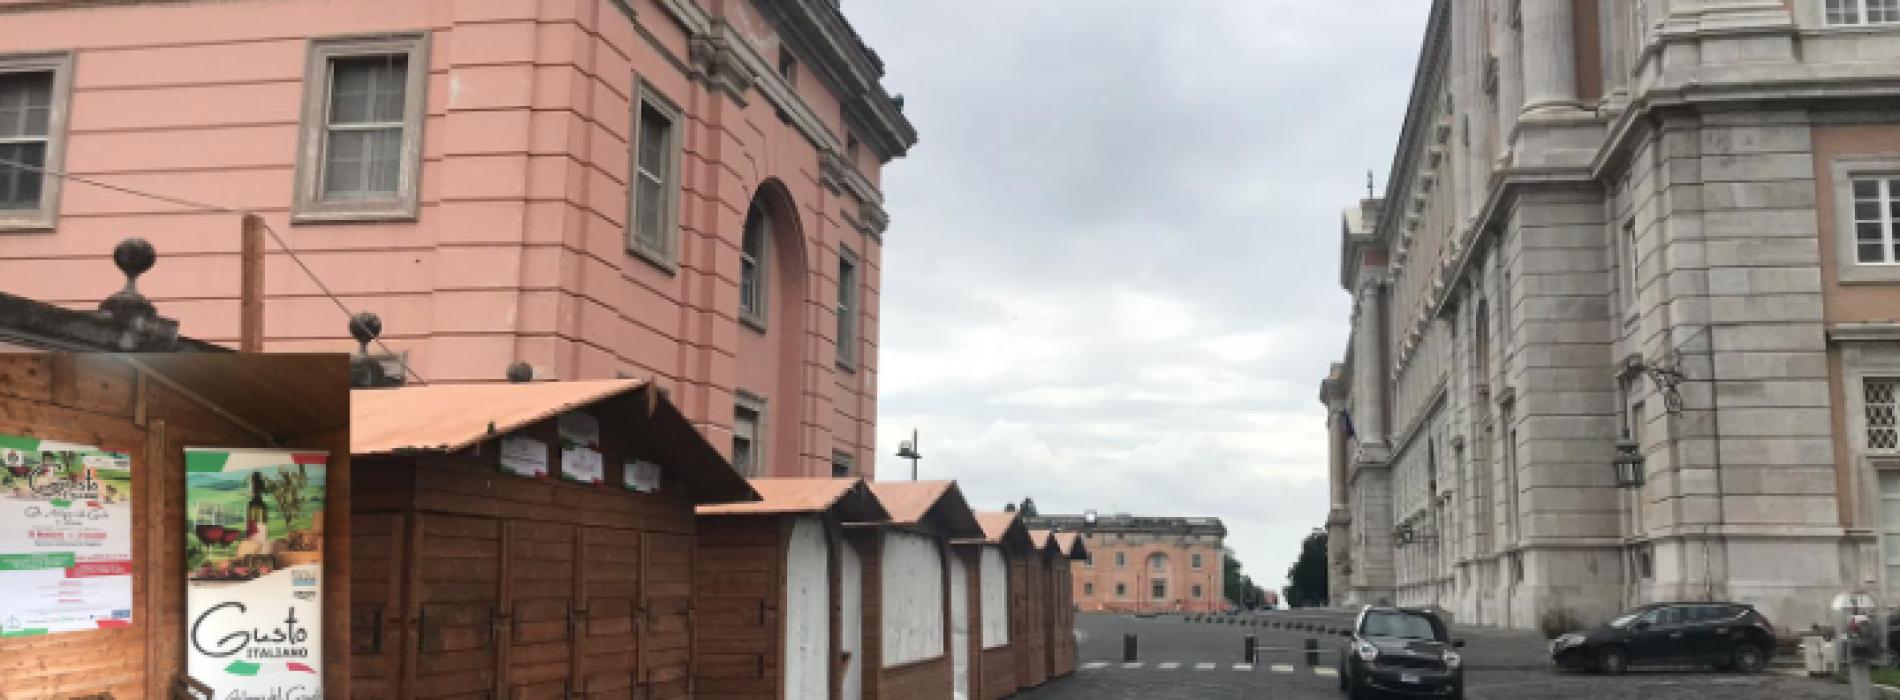 Caserta, la tre giorni di Gusto Italiano all'ombra della Reggia